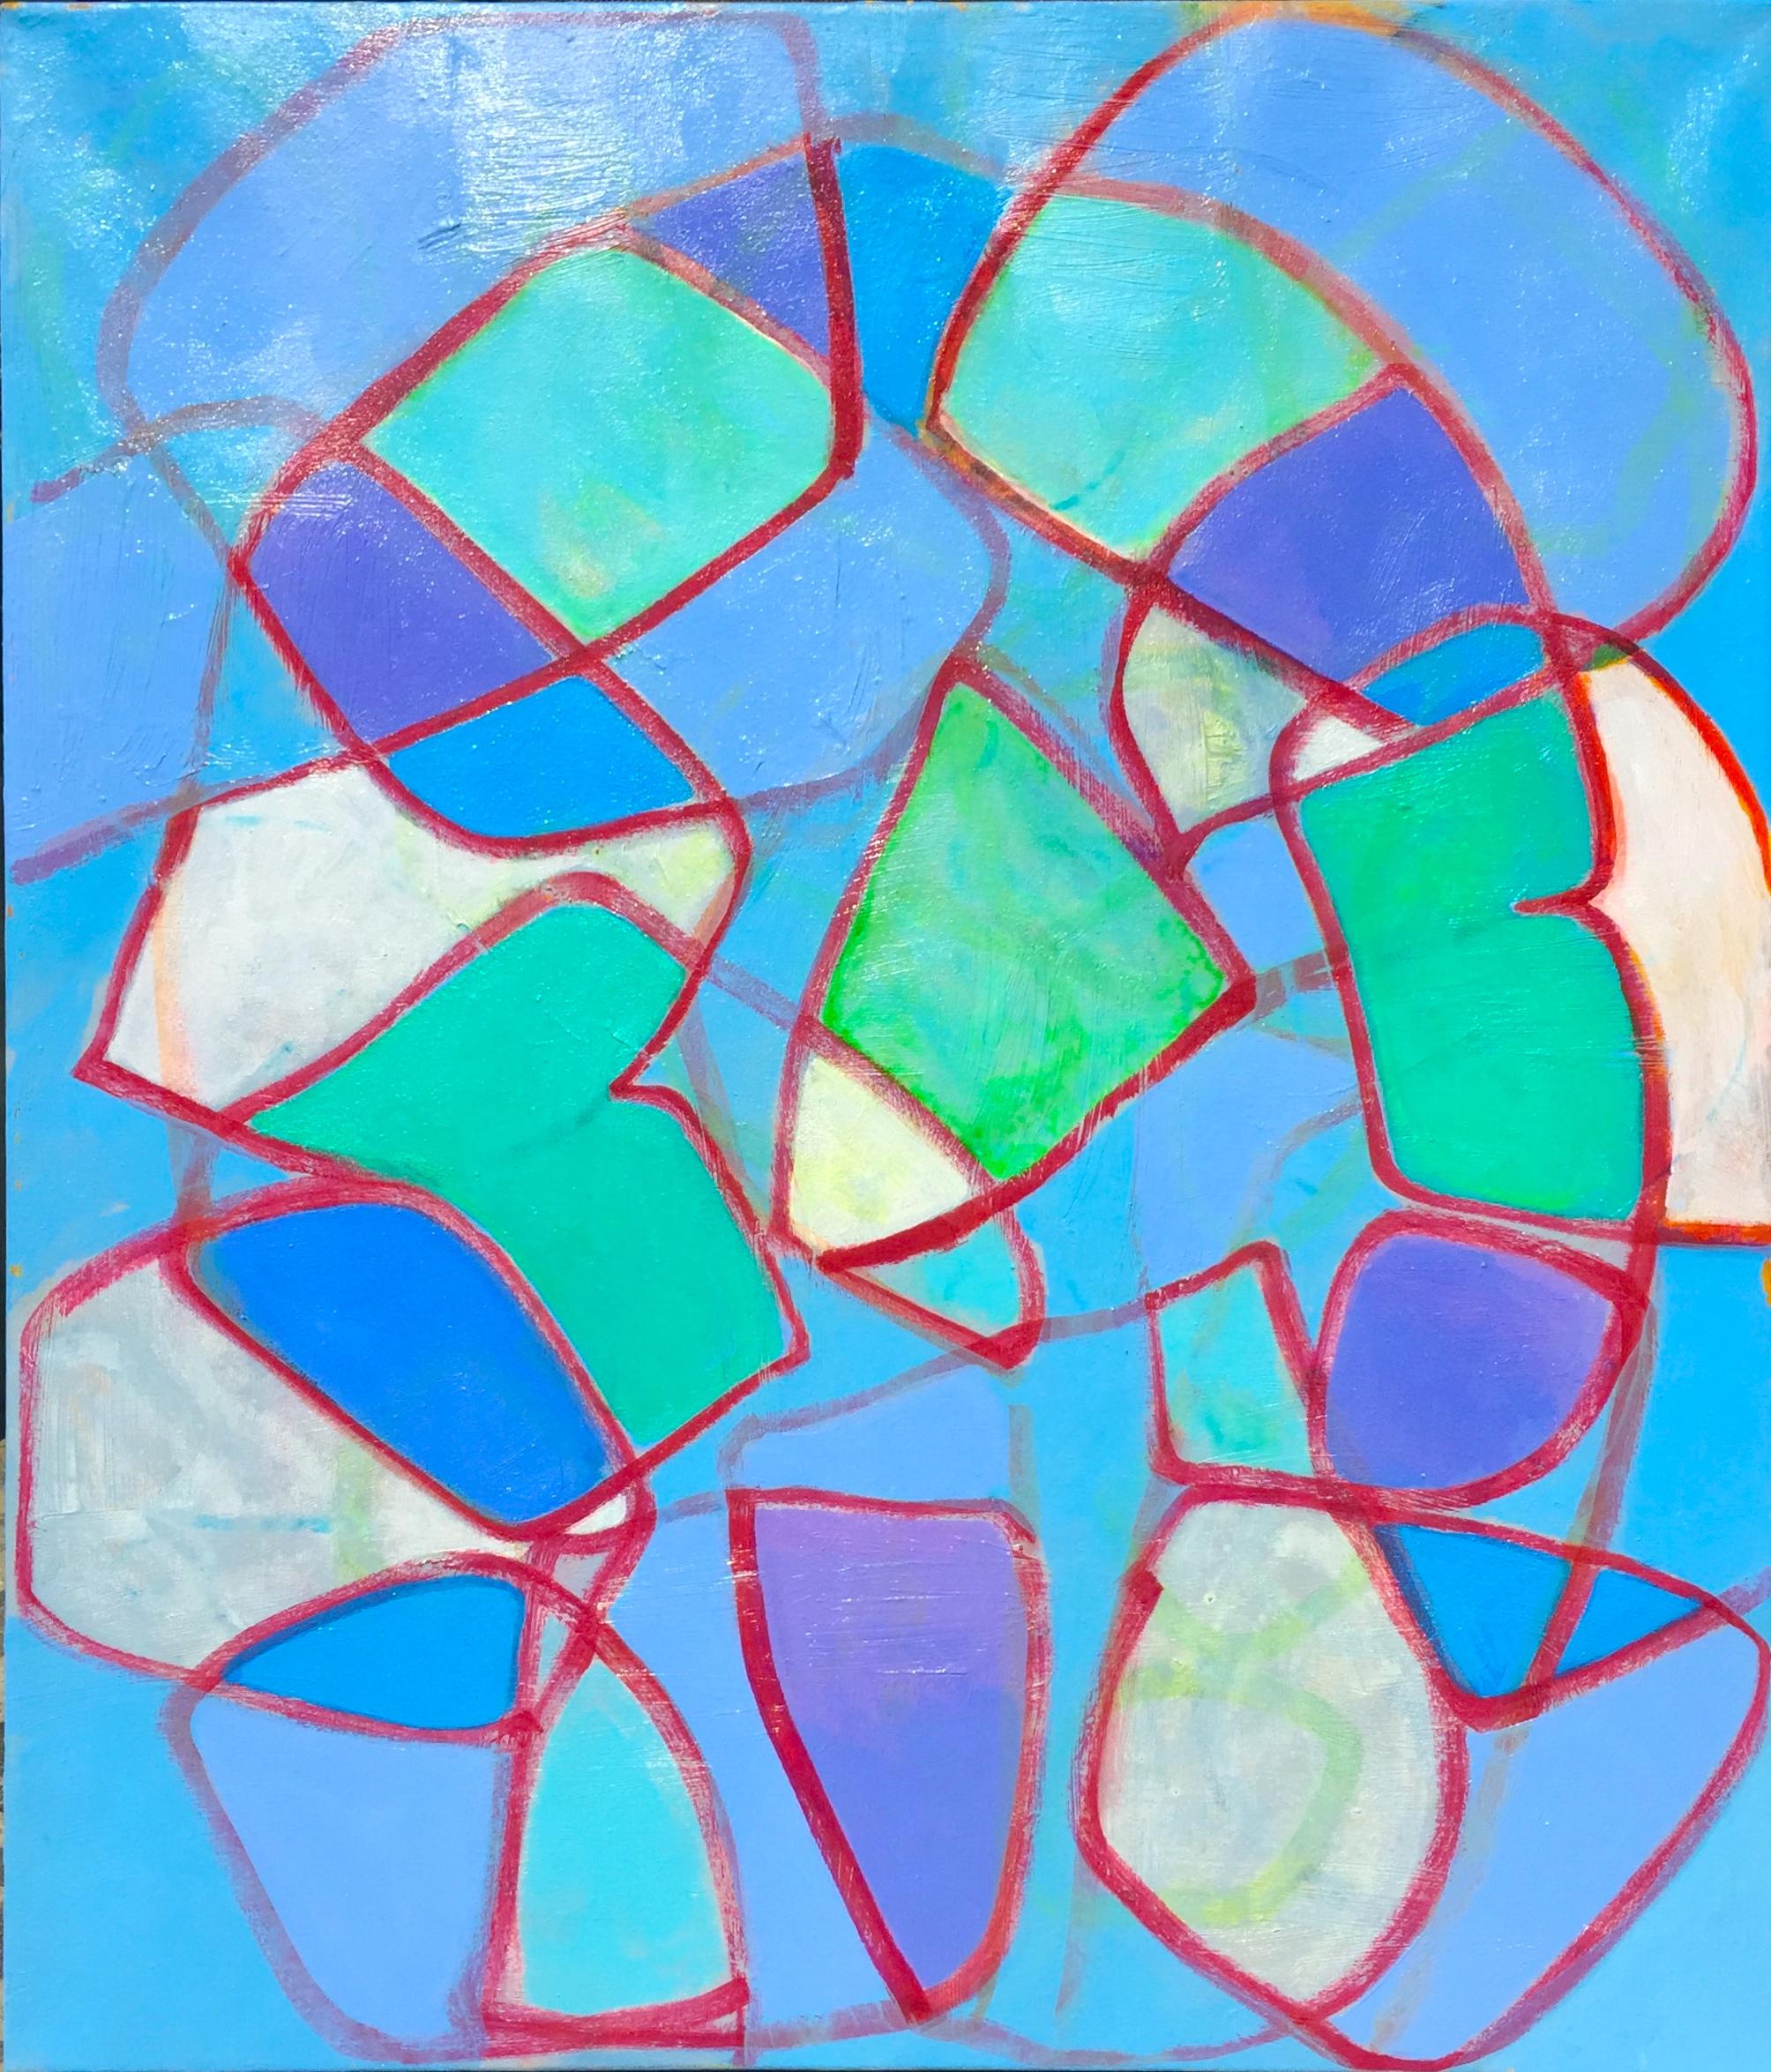 acrylic on canvas, 61x71cm